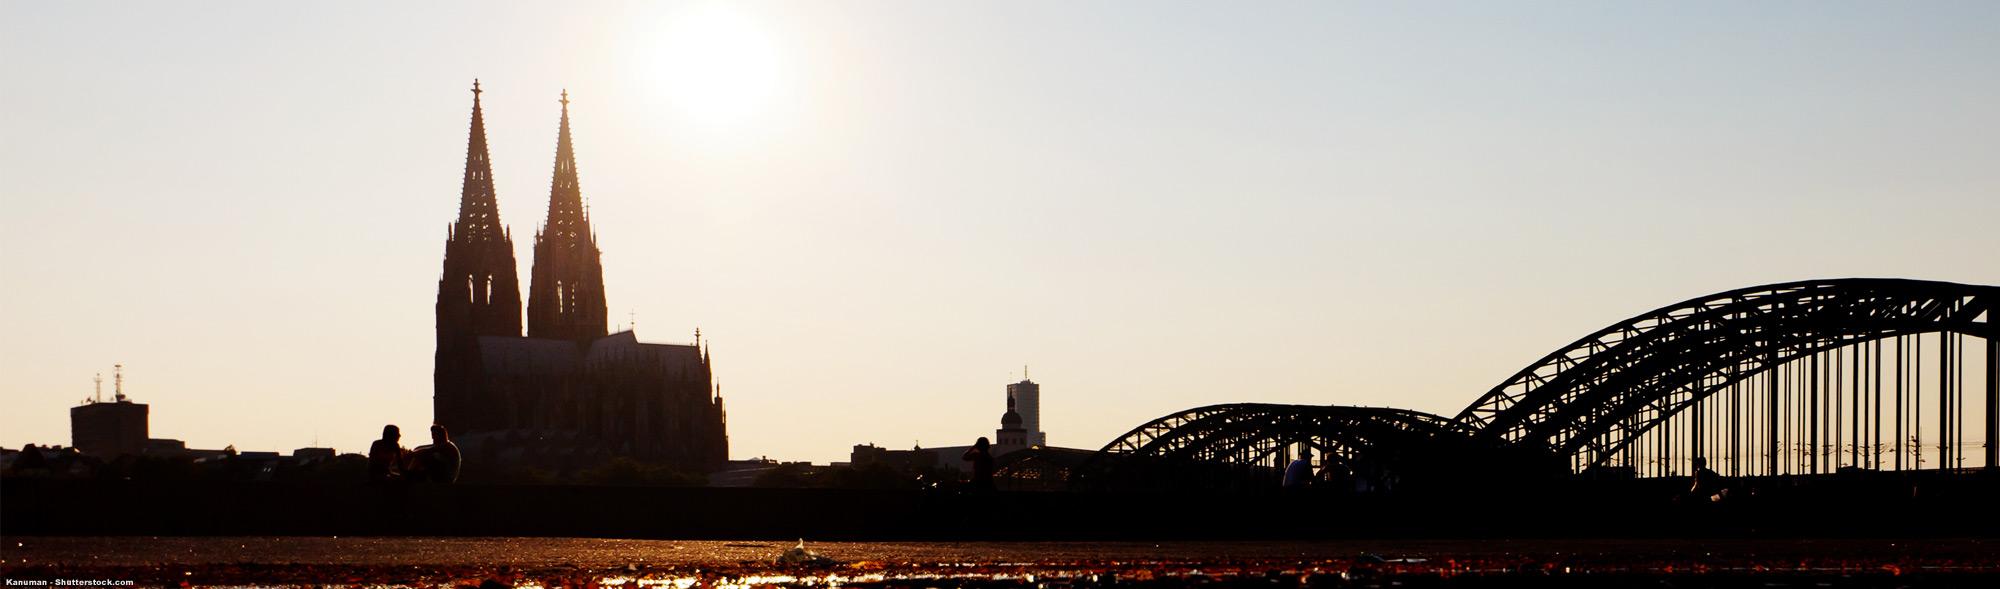 Séjour linguistique à Cologne